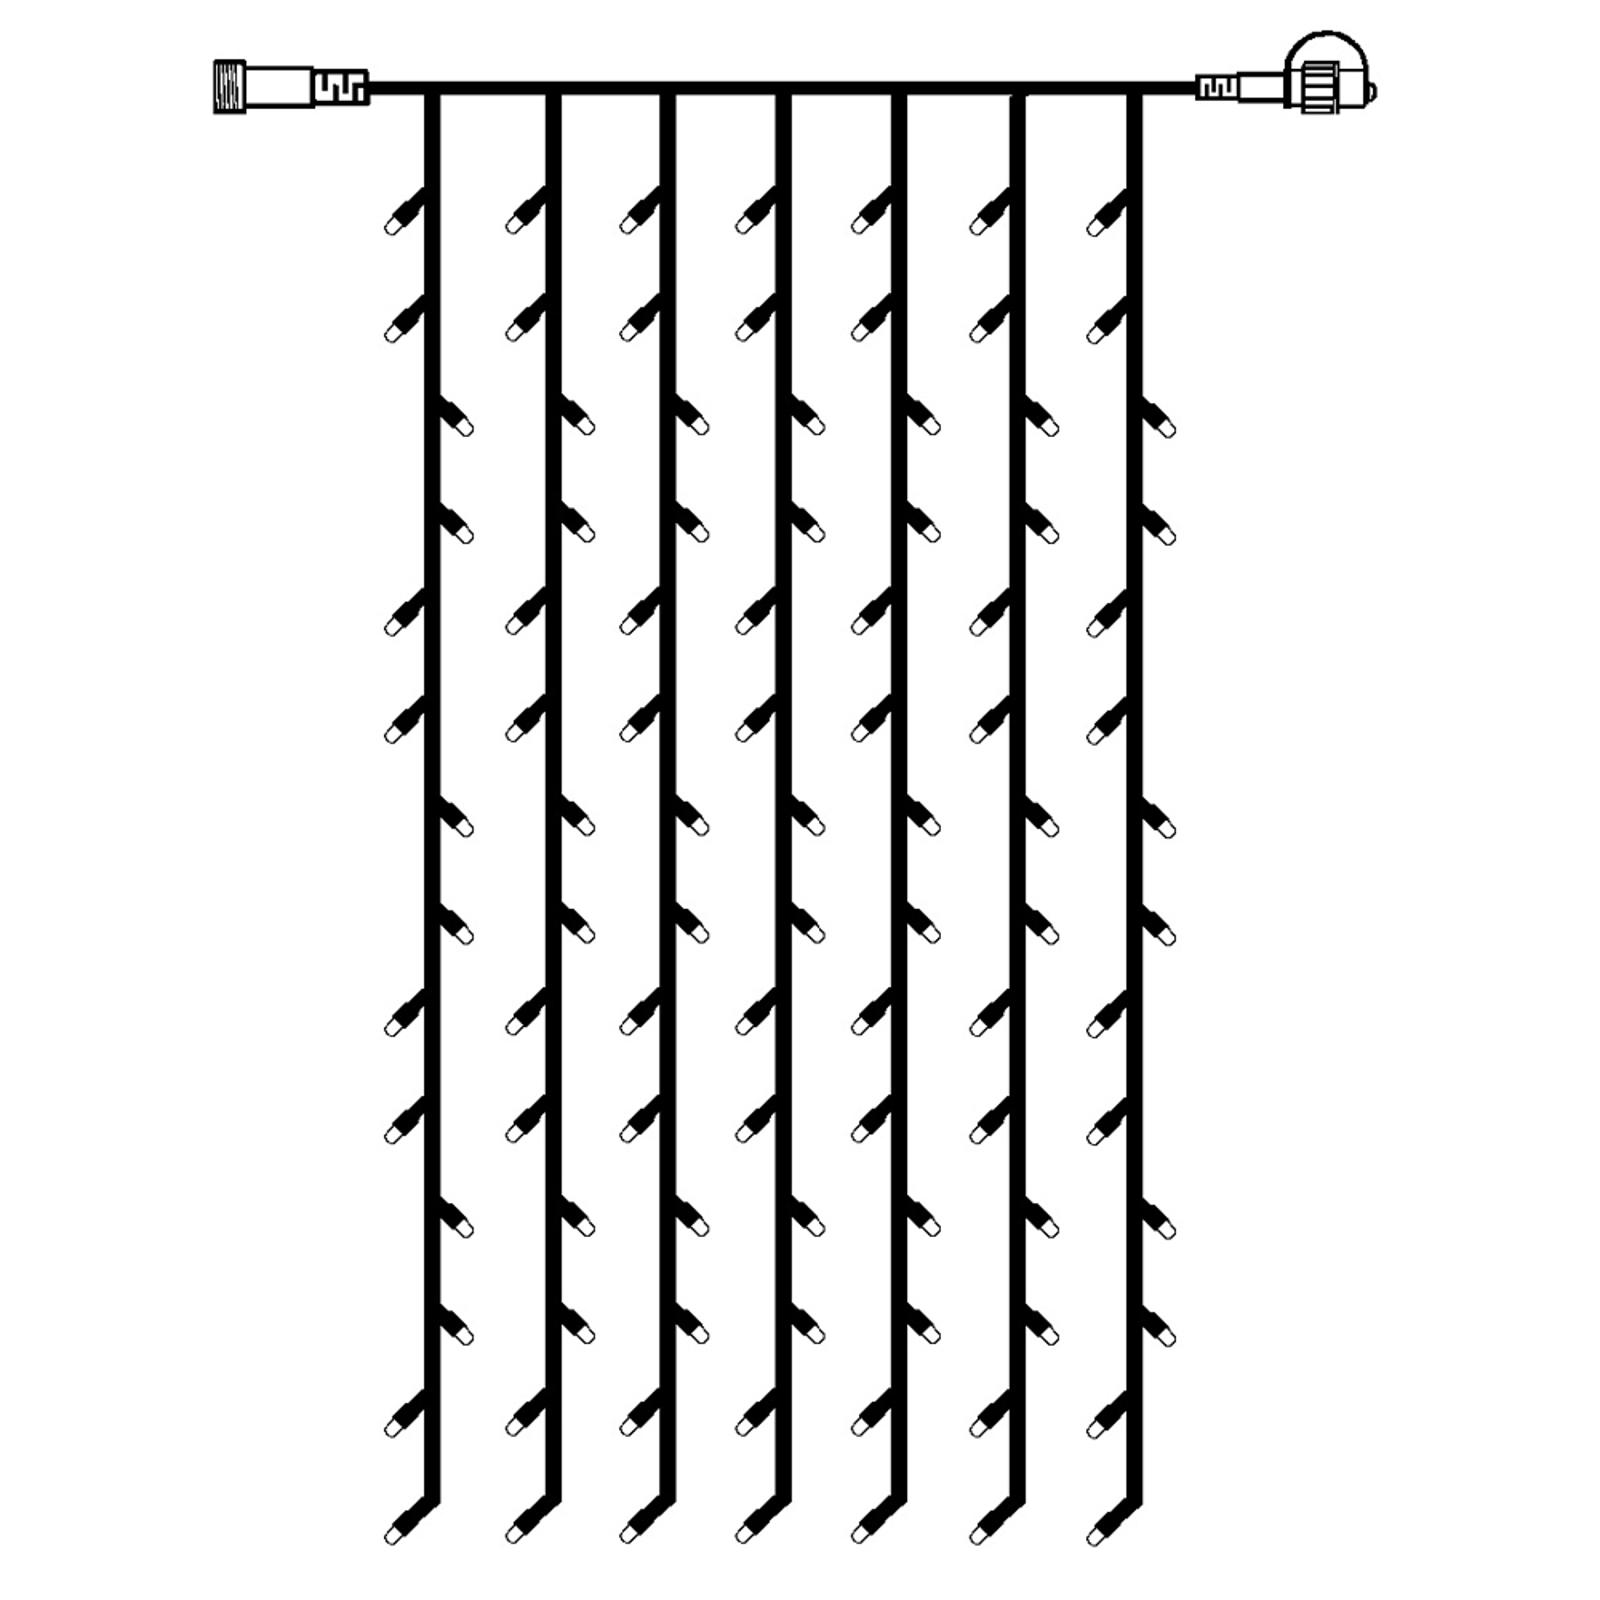 Prodlužovací řetěz LED světelný závěs systém 24